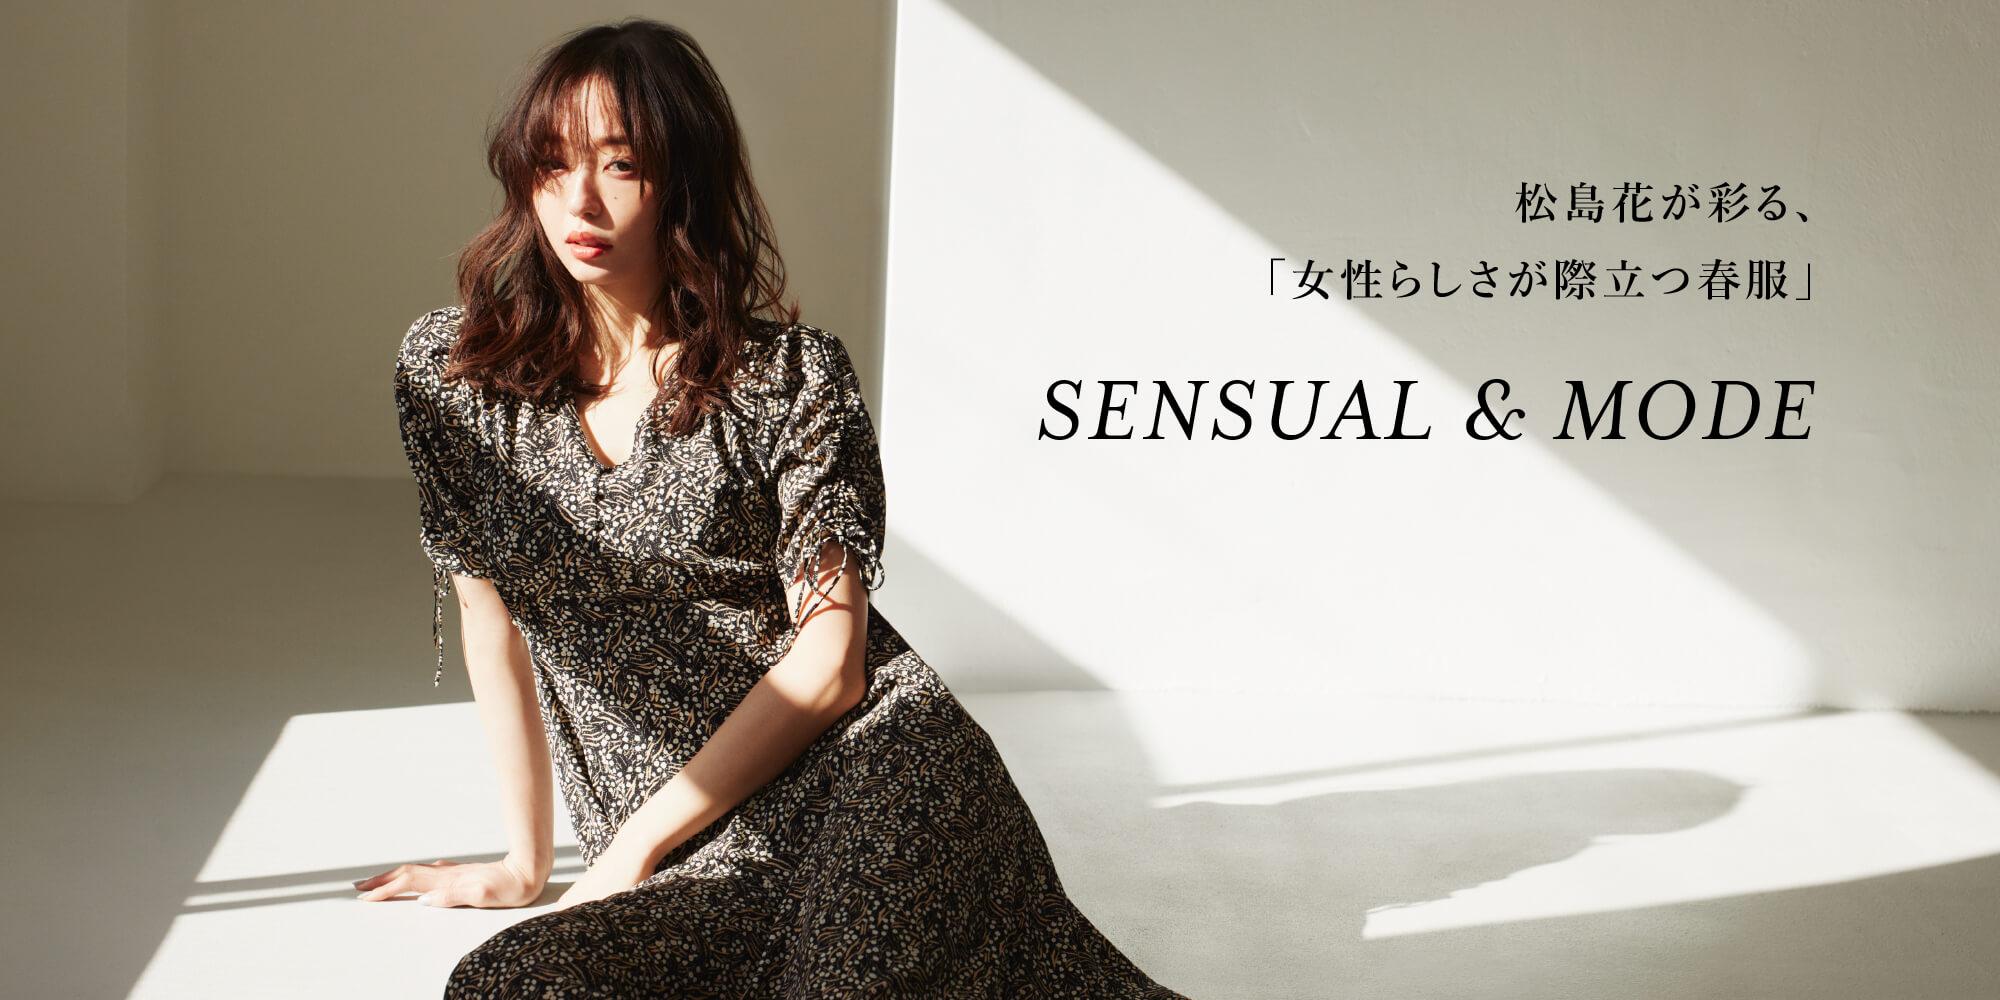 松島花が彩る、「女性らしさが際立つ春服」SENSUAL & MODE